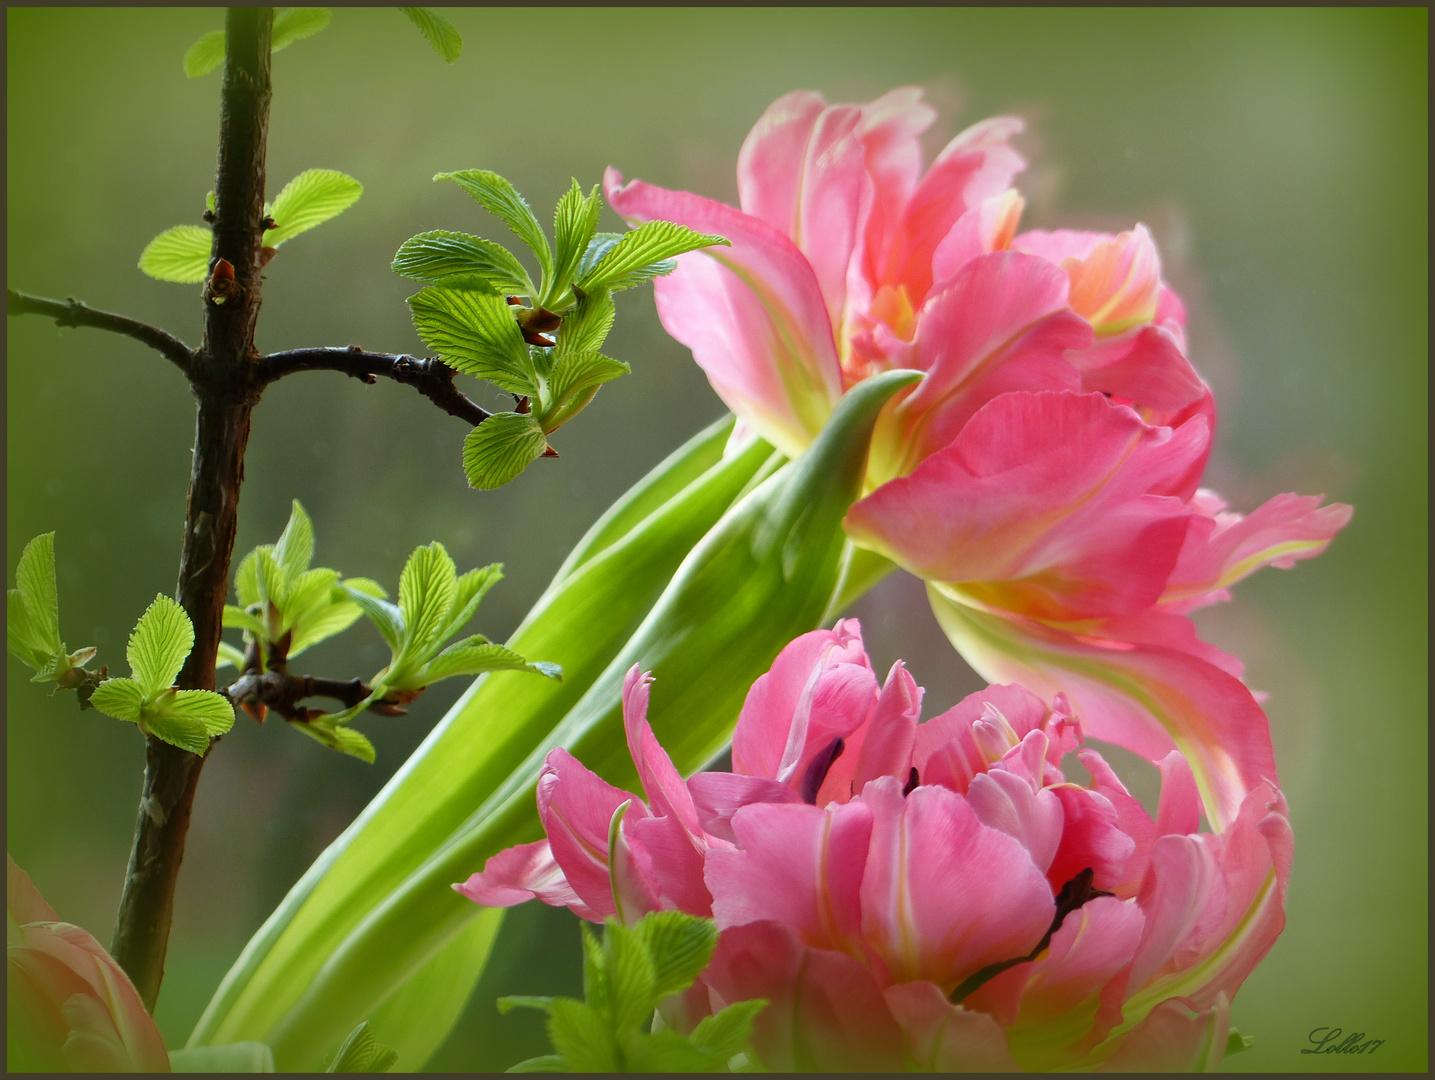 Ein Hauch von Frühling ... Foto & Bild | pflanzen, tulpen frühling ...